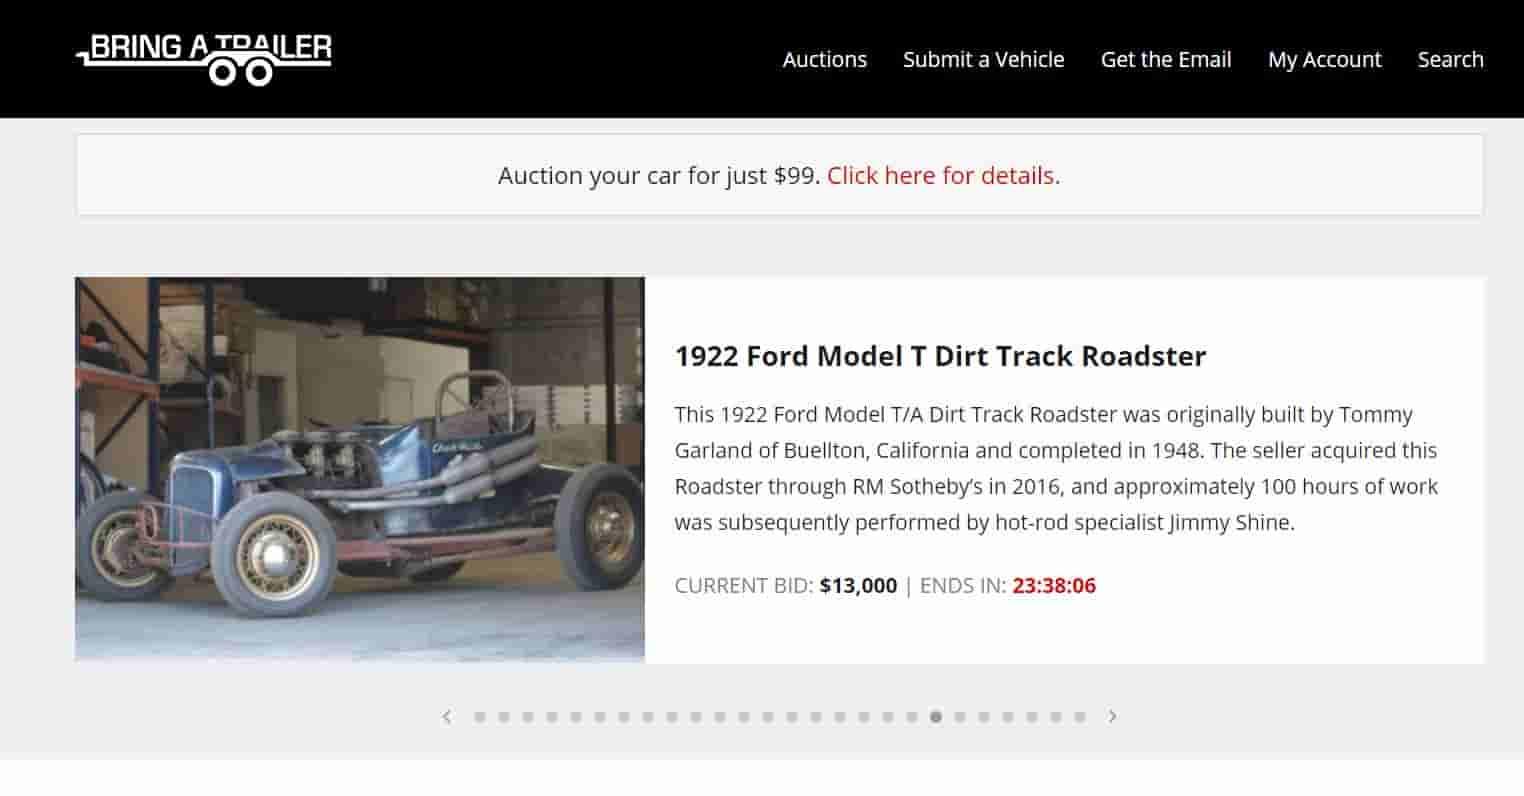 Bring a trailer - cars